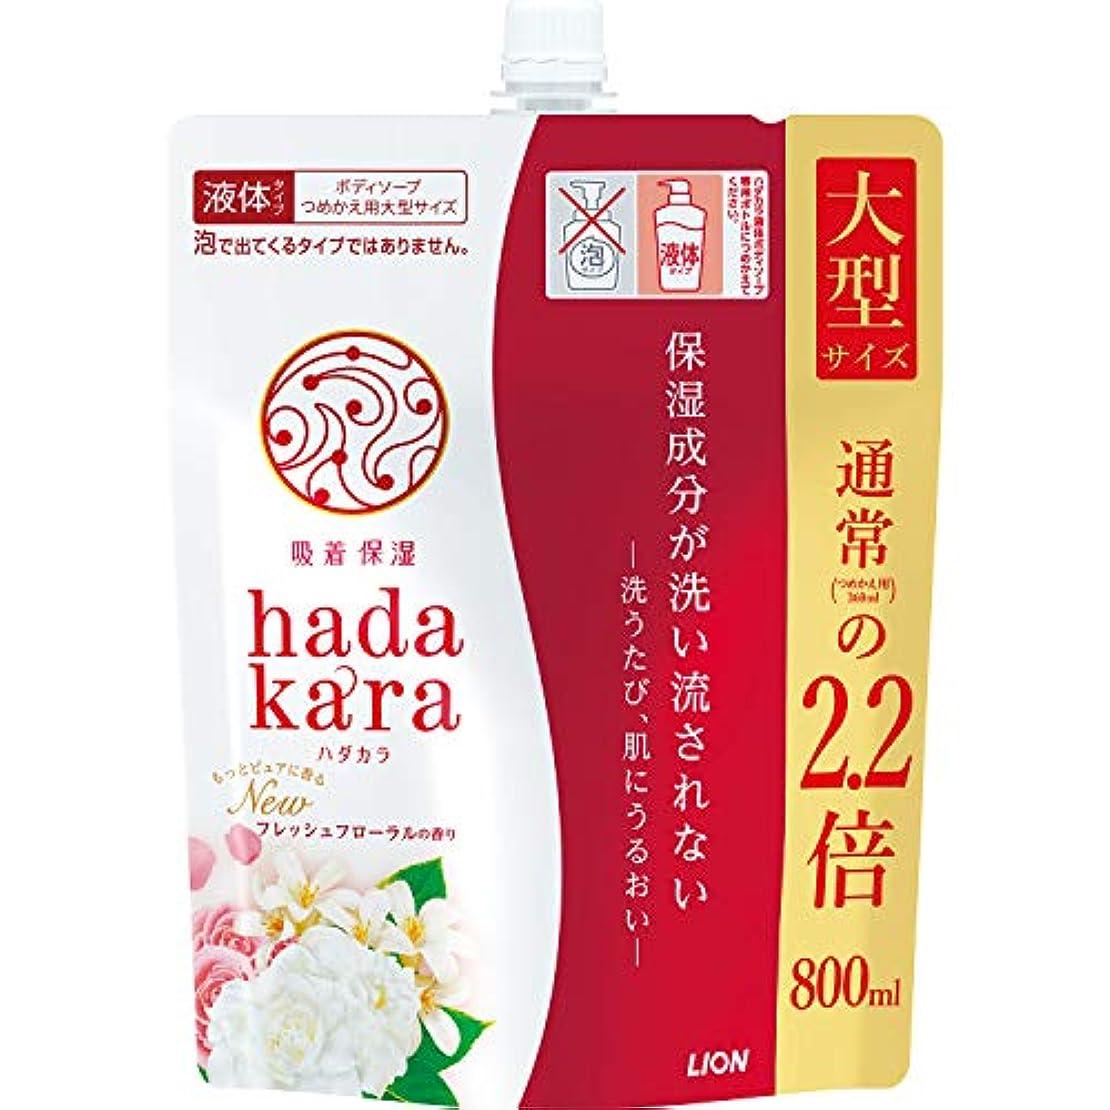 引き付ける音楽を聴く玉hadakara(ハダカラ) ボディソープ フレッシュフローラルの香り つめかえ用大型サイズ 800ml